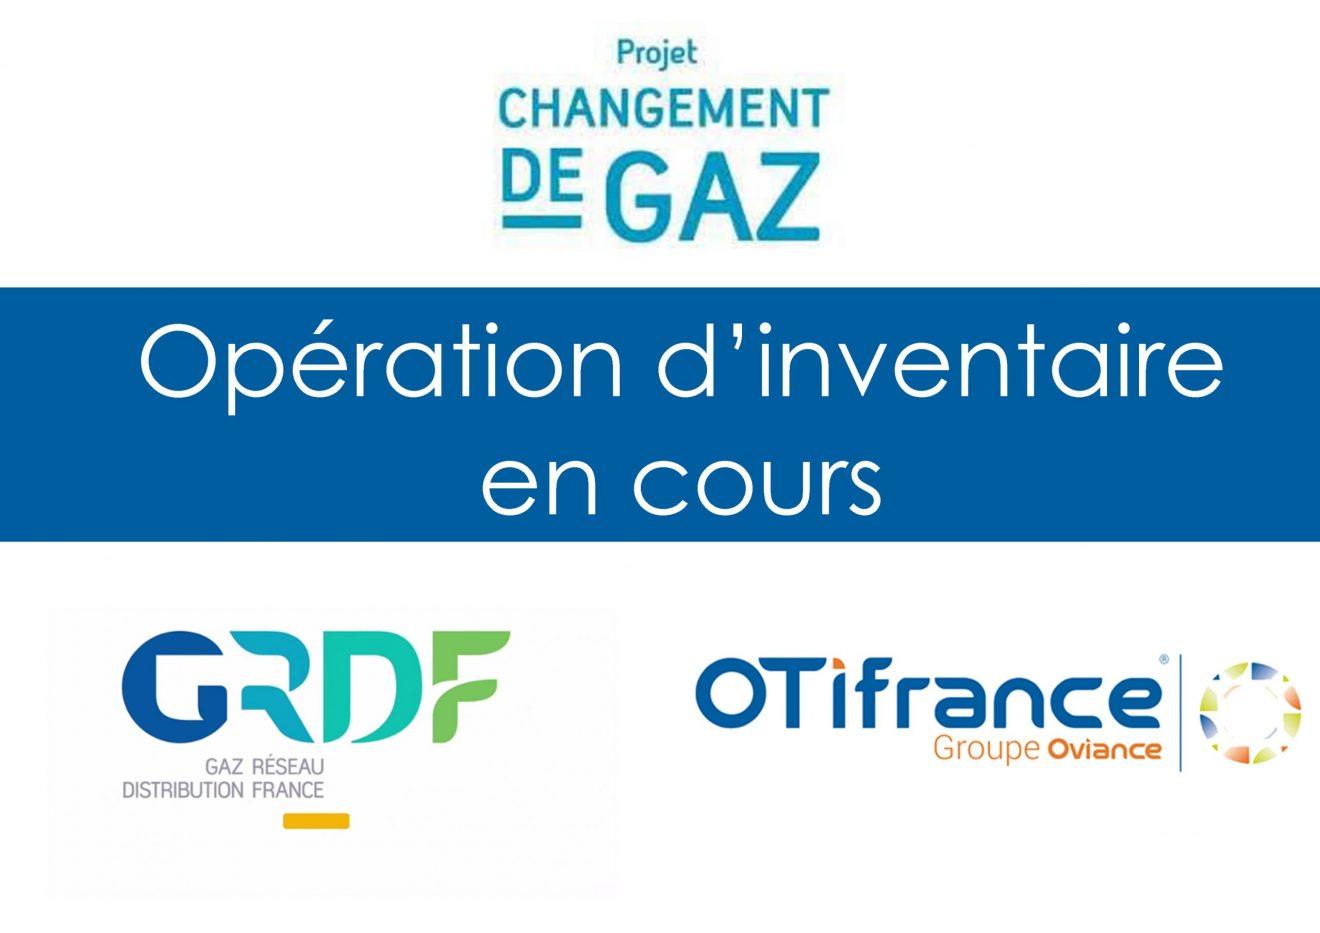 GRDF ENTREPREND DES DEMARCHES DE TRANSITION ENERGETIQUE